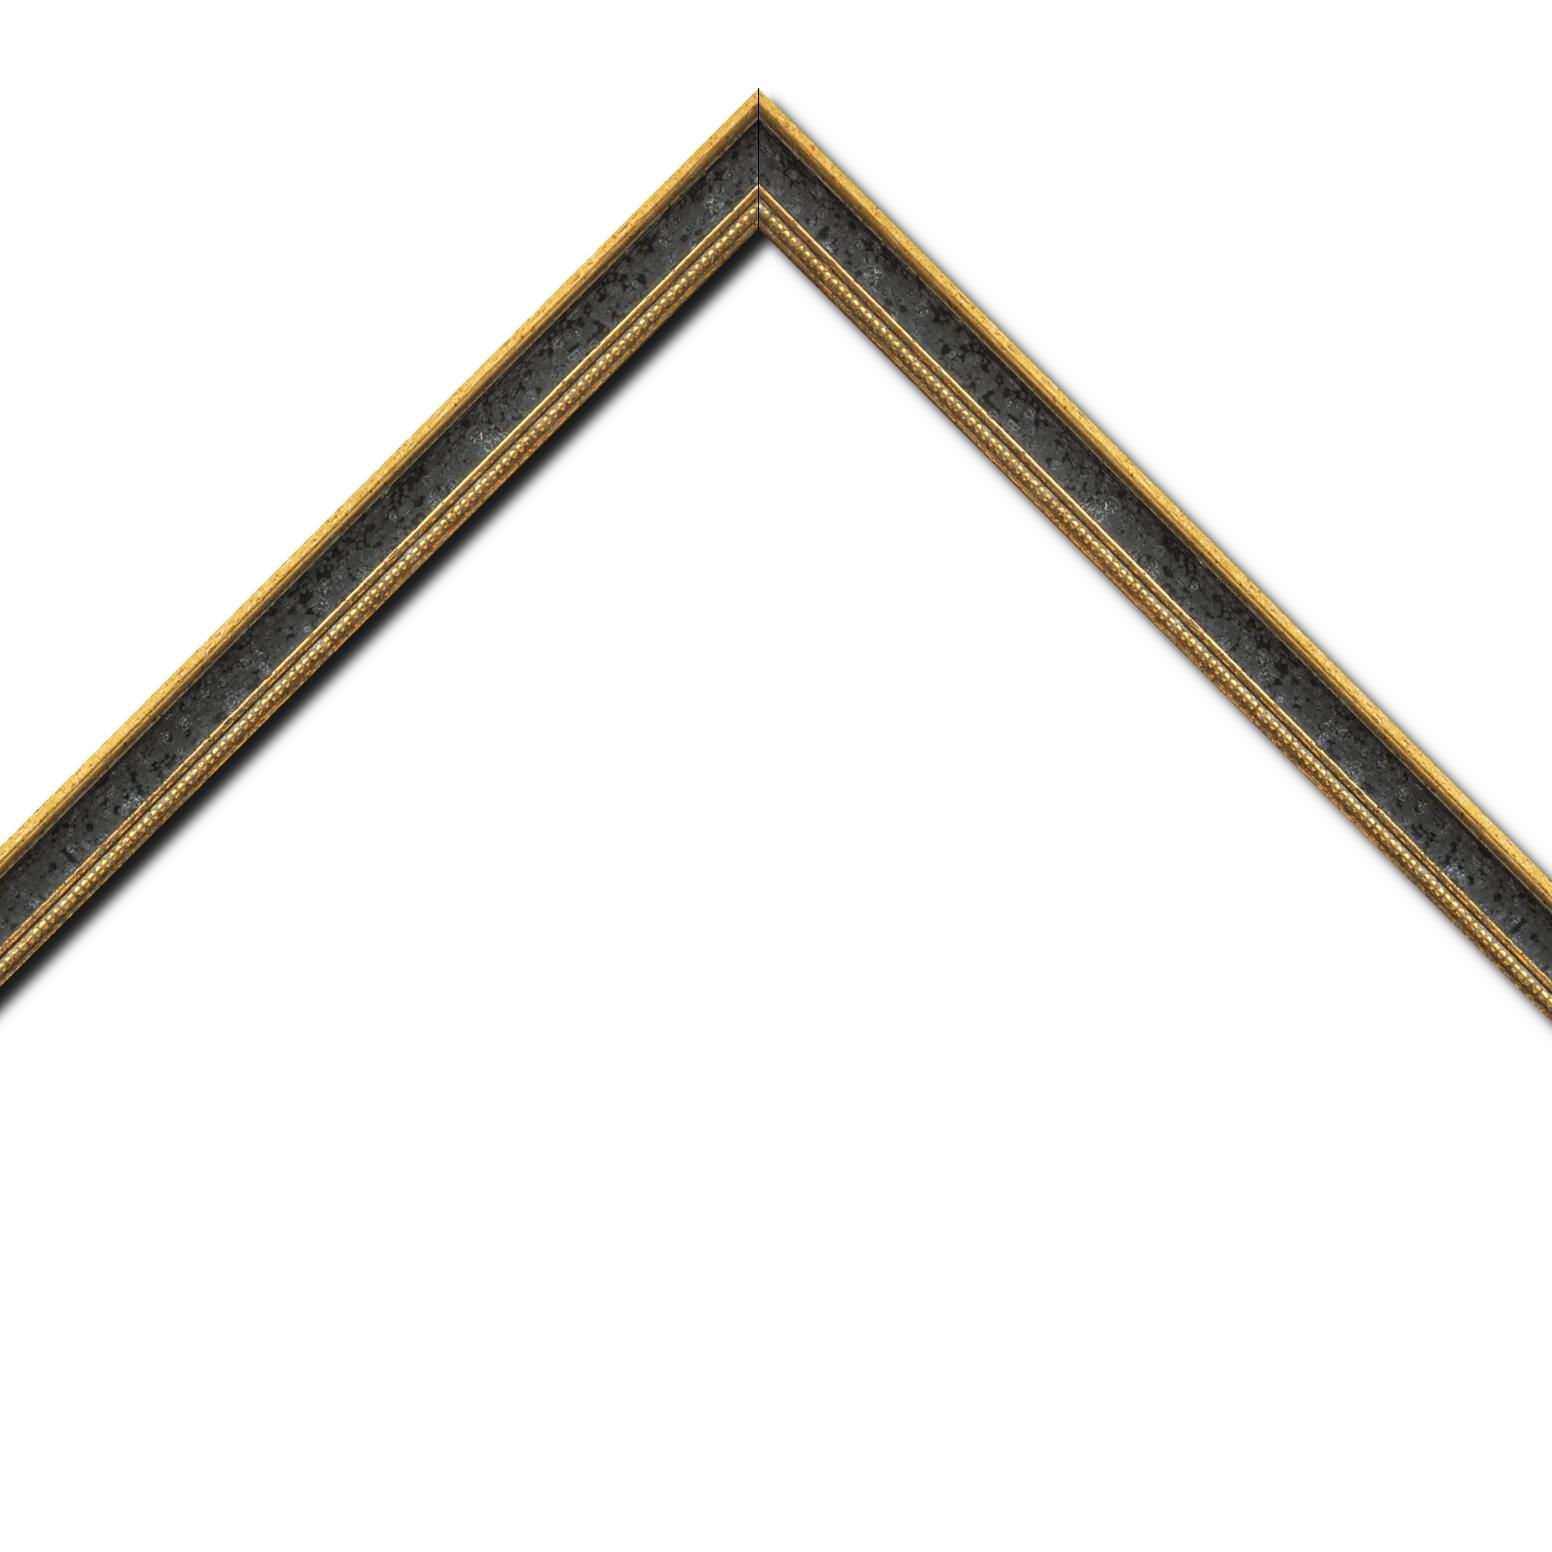 Baguette bois profil incurvé largeur 2.4cm  or antique gorge noir filet perle or